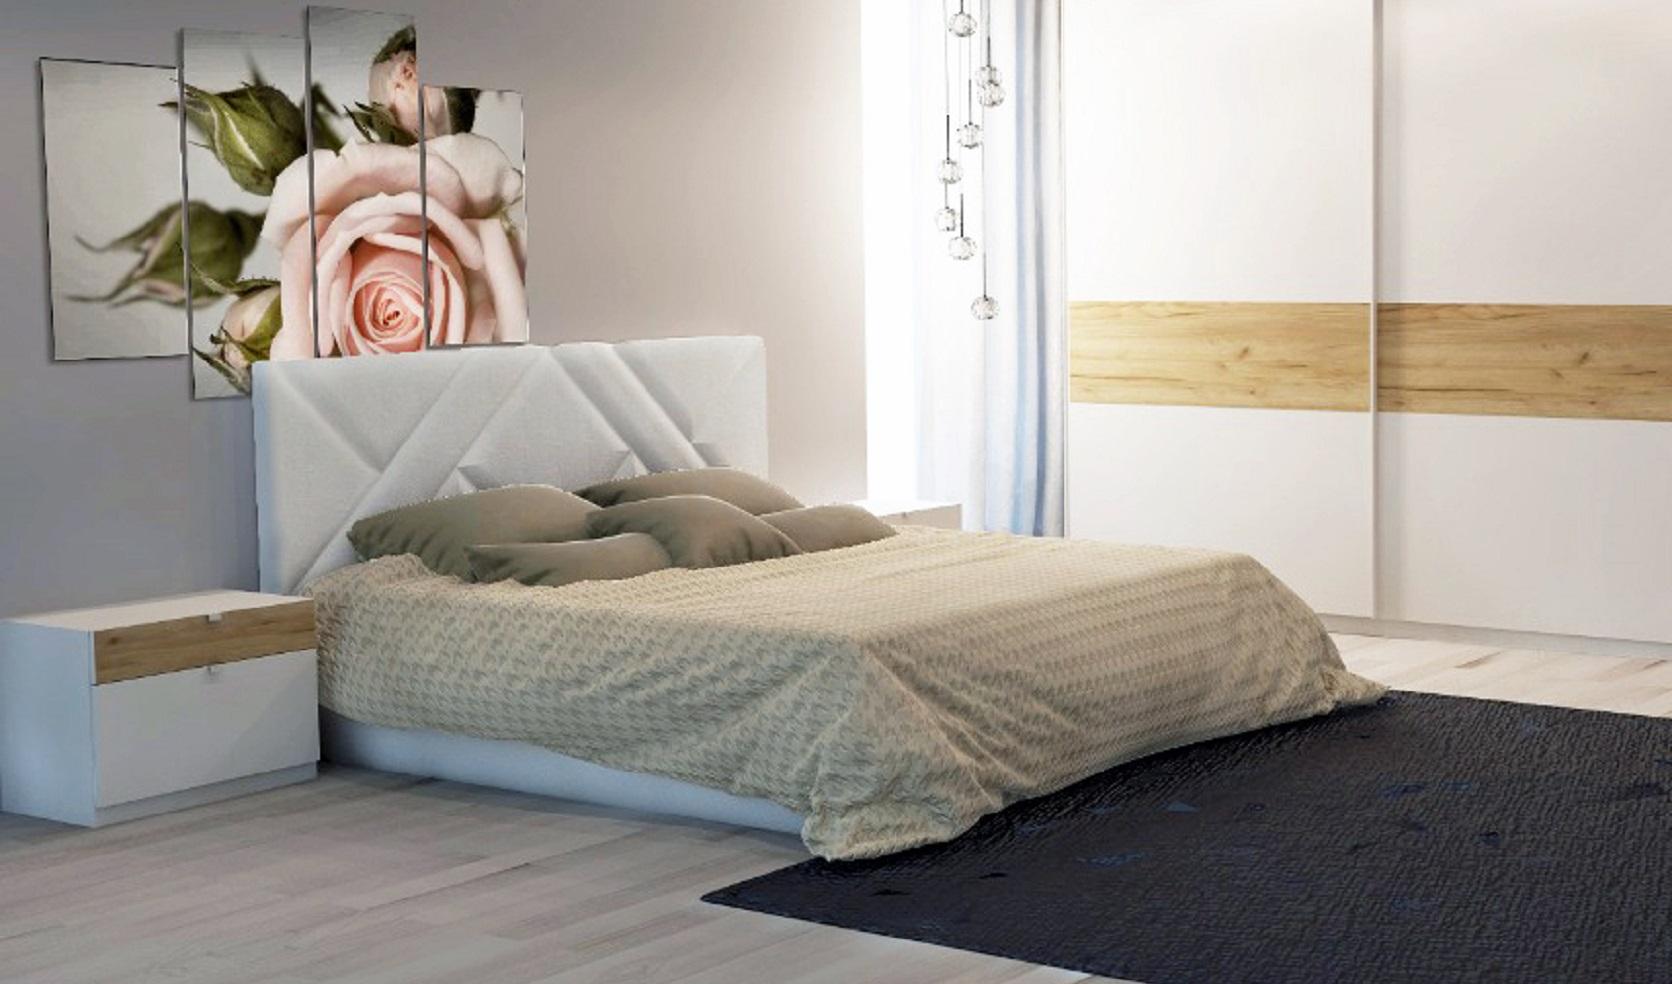 Bett weiss modern  Modernes Bett, Günstiges Bett